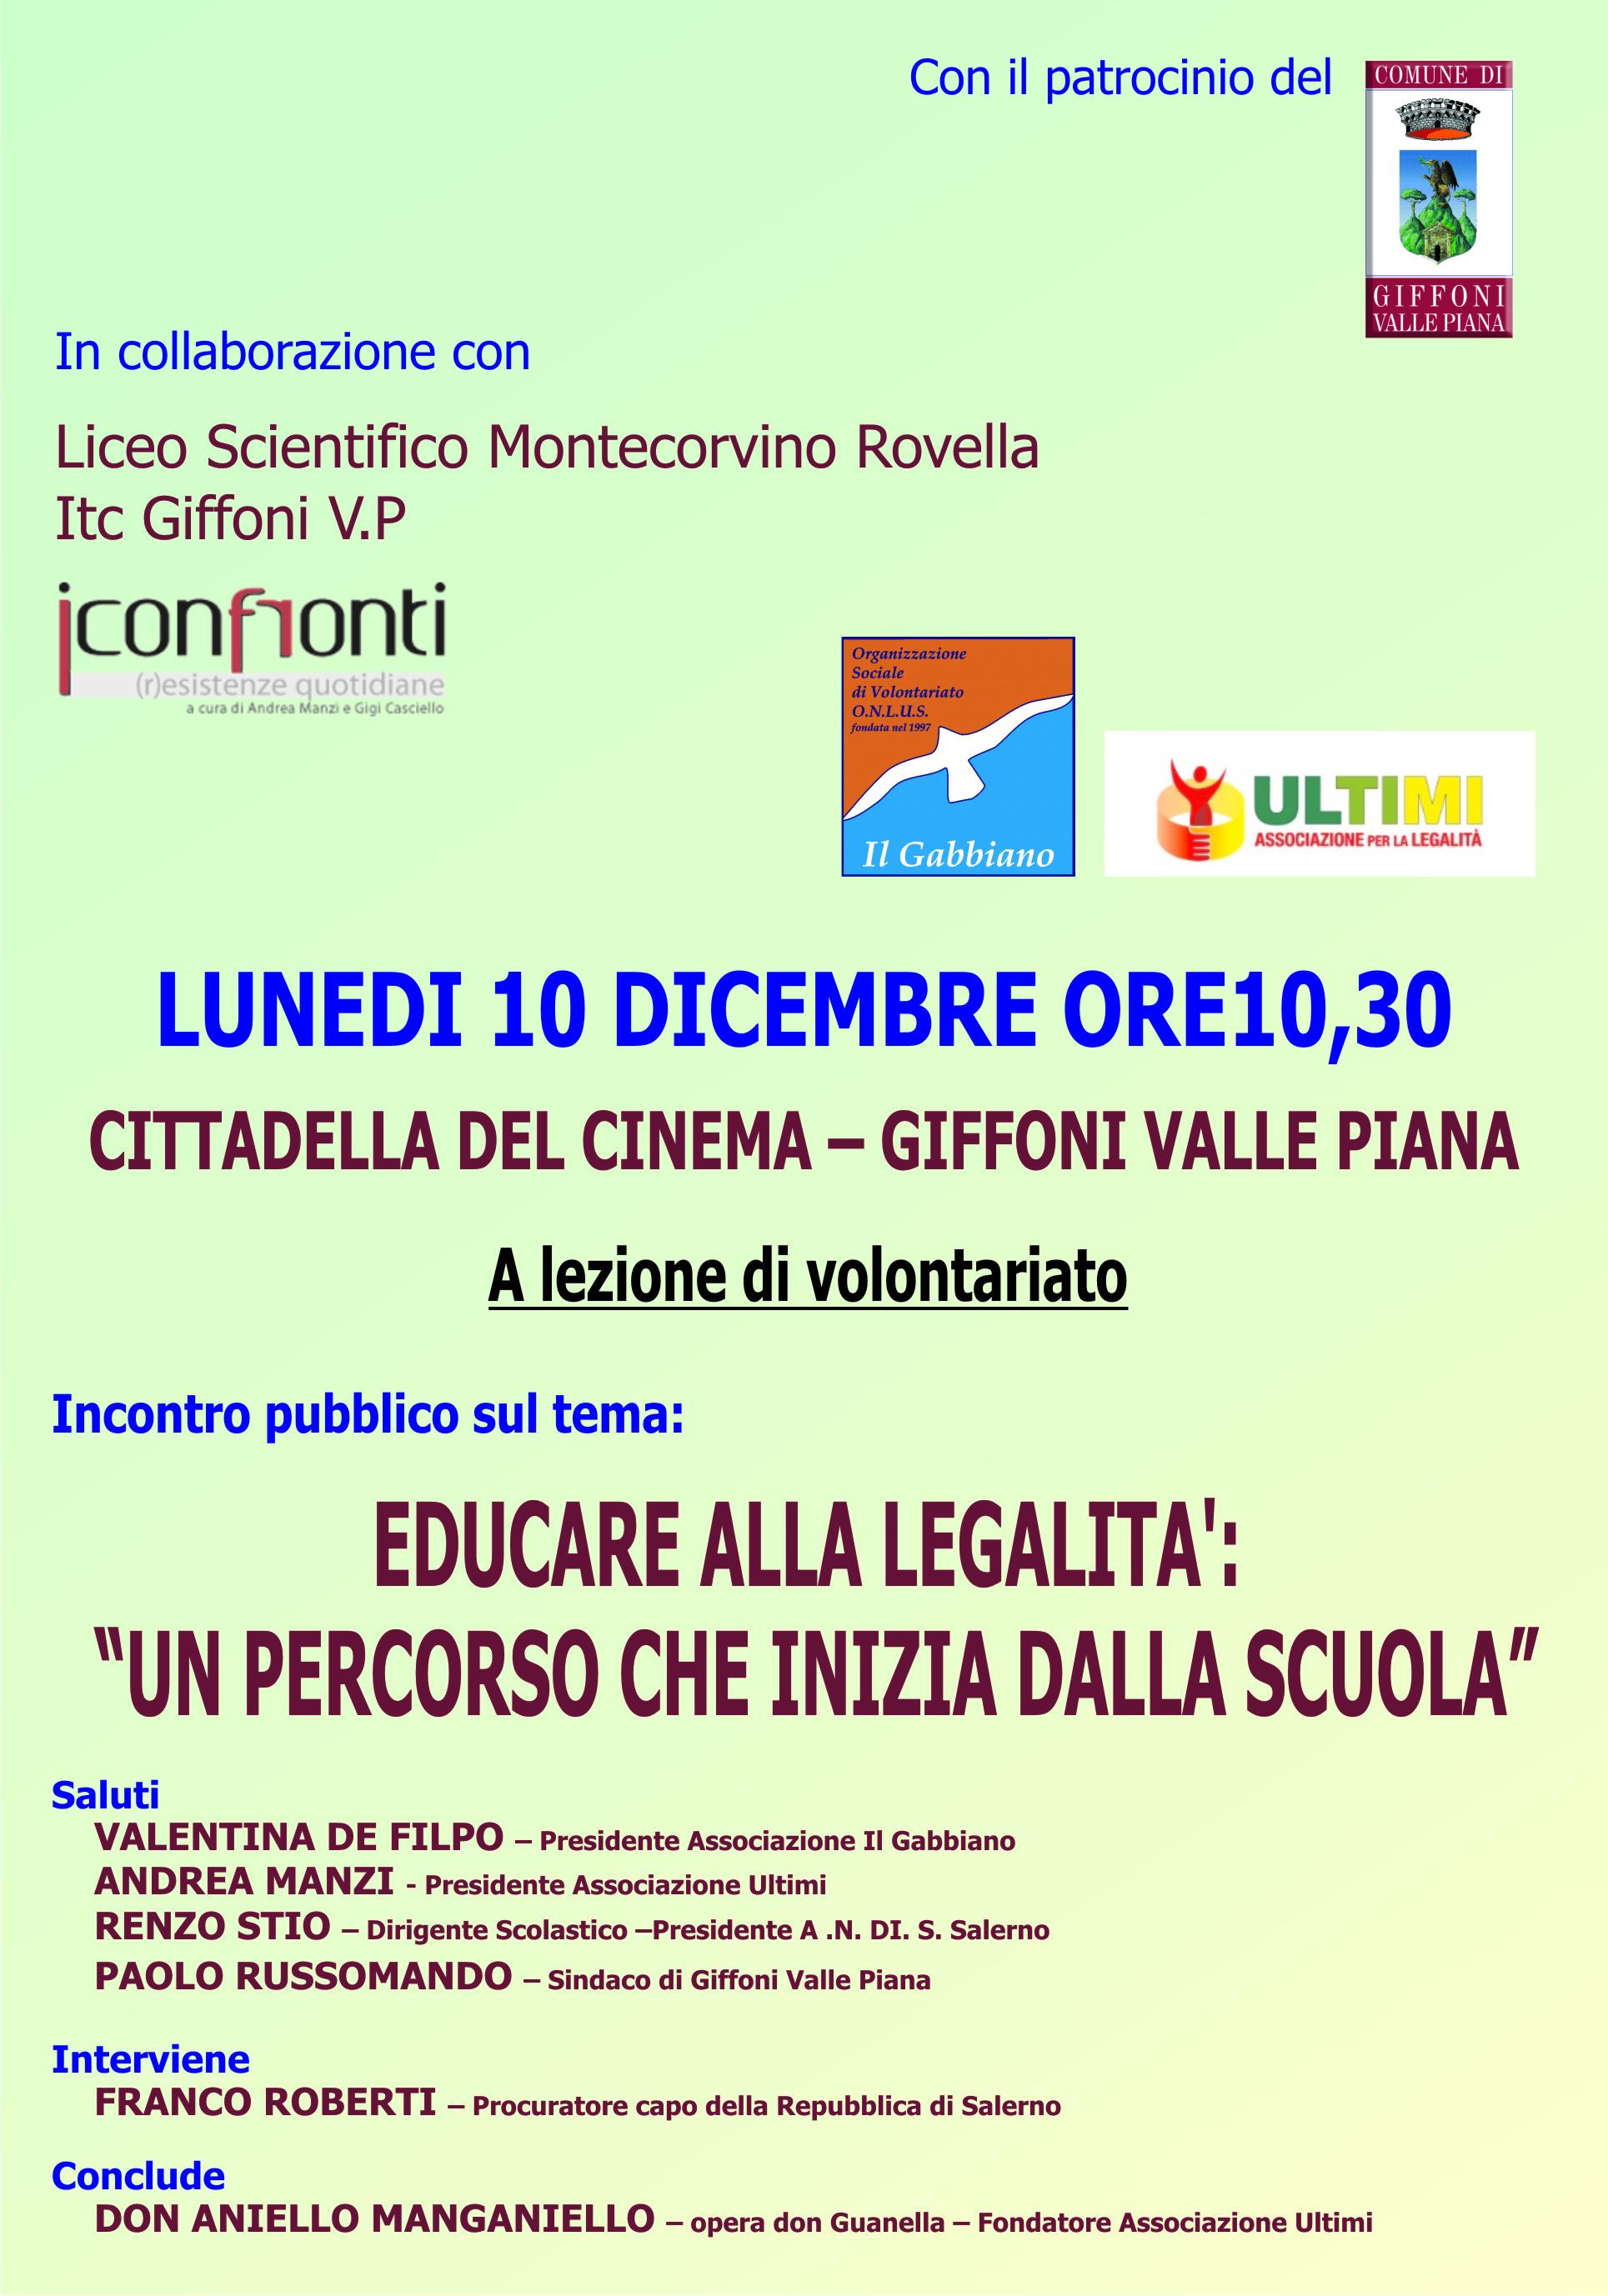 Educare alla legalità il 10 dicembre a Giffoni